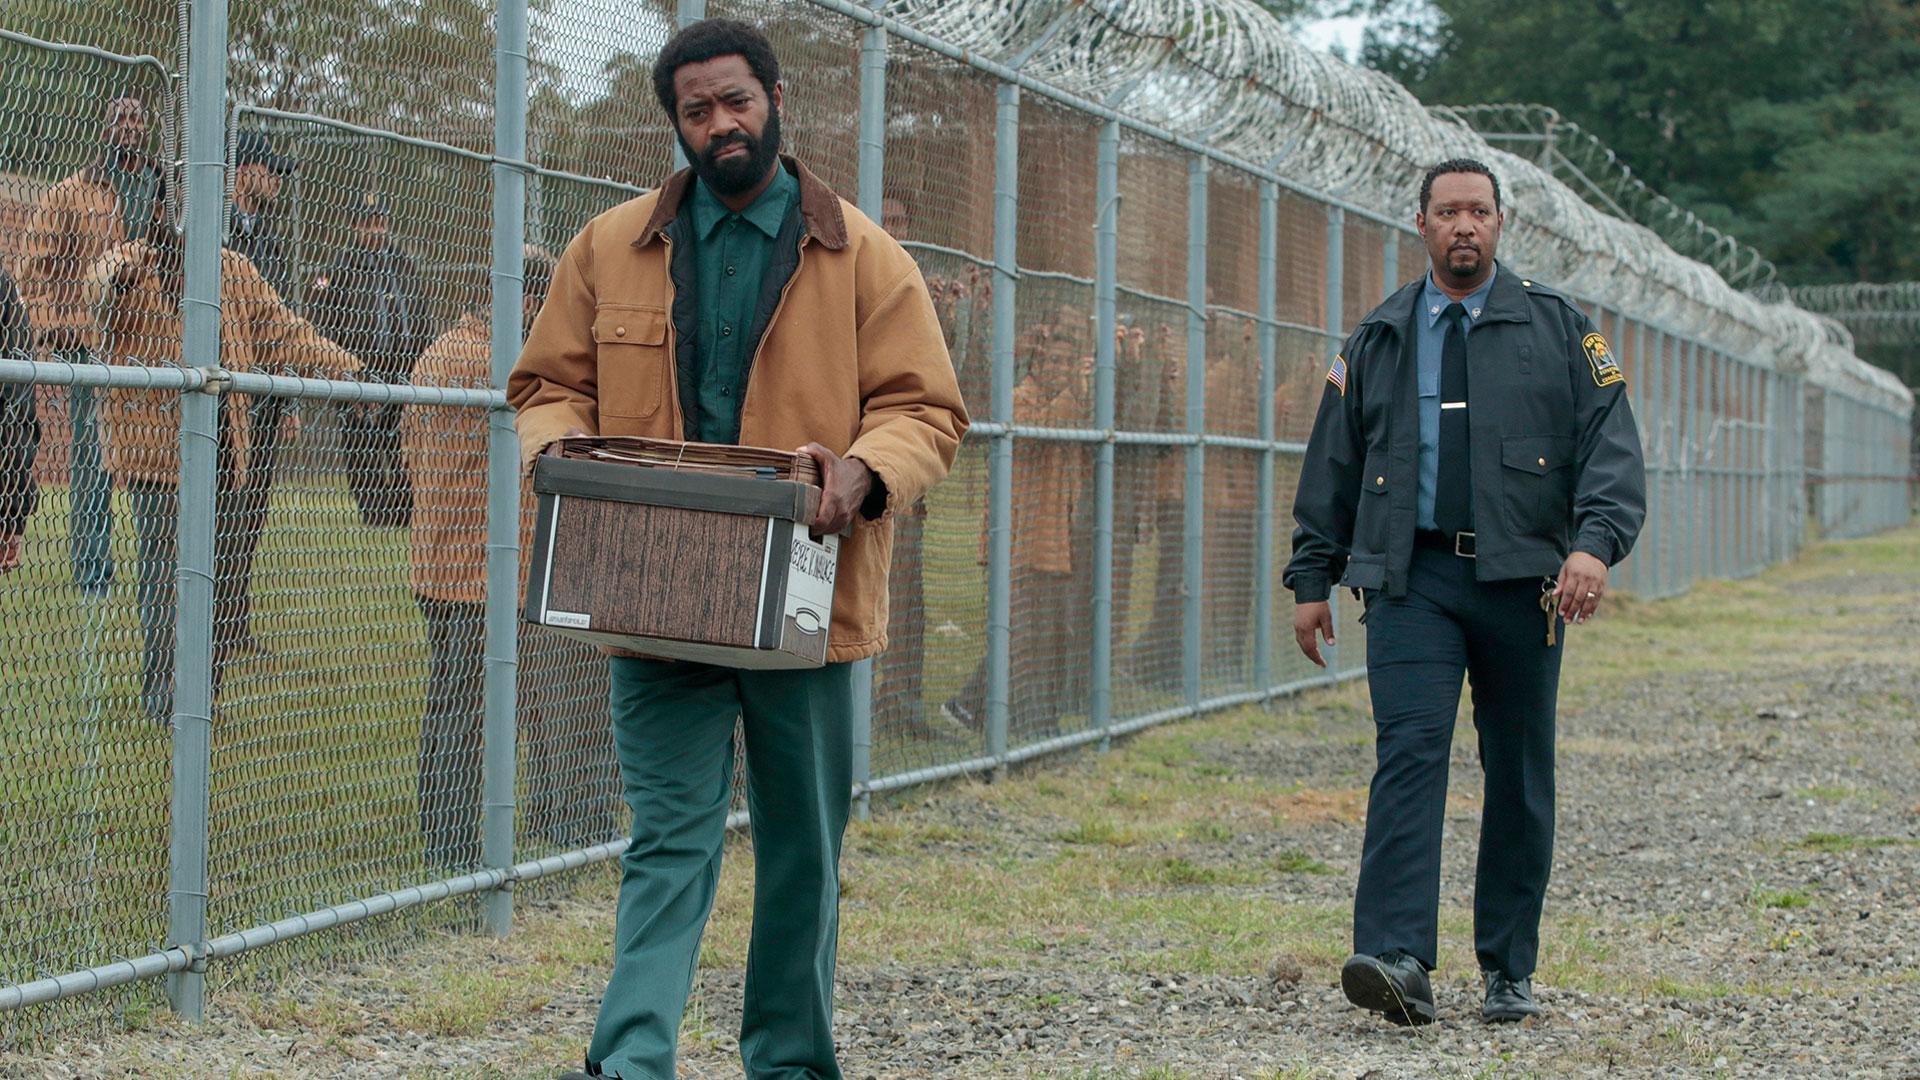 Ein Häftling läuft über den Hof eines Gefängnisses mit einem Karton voll Akten